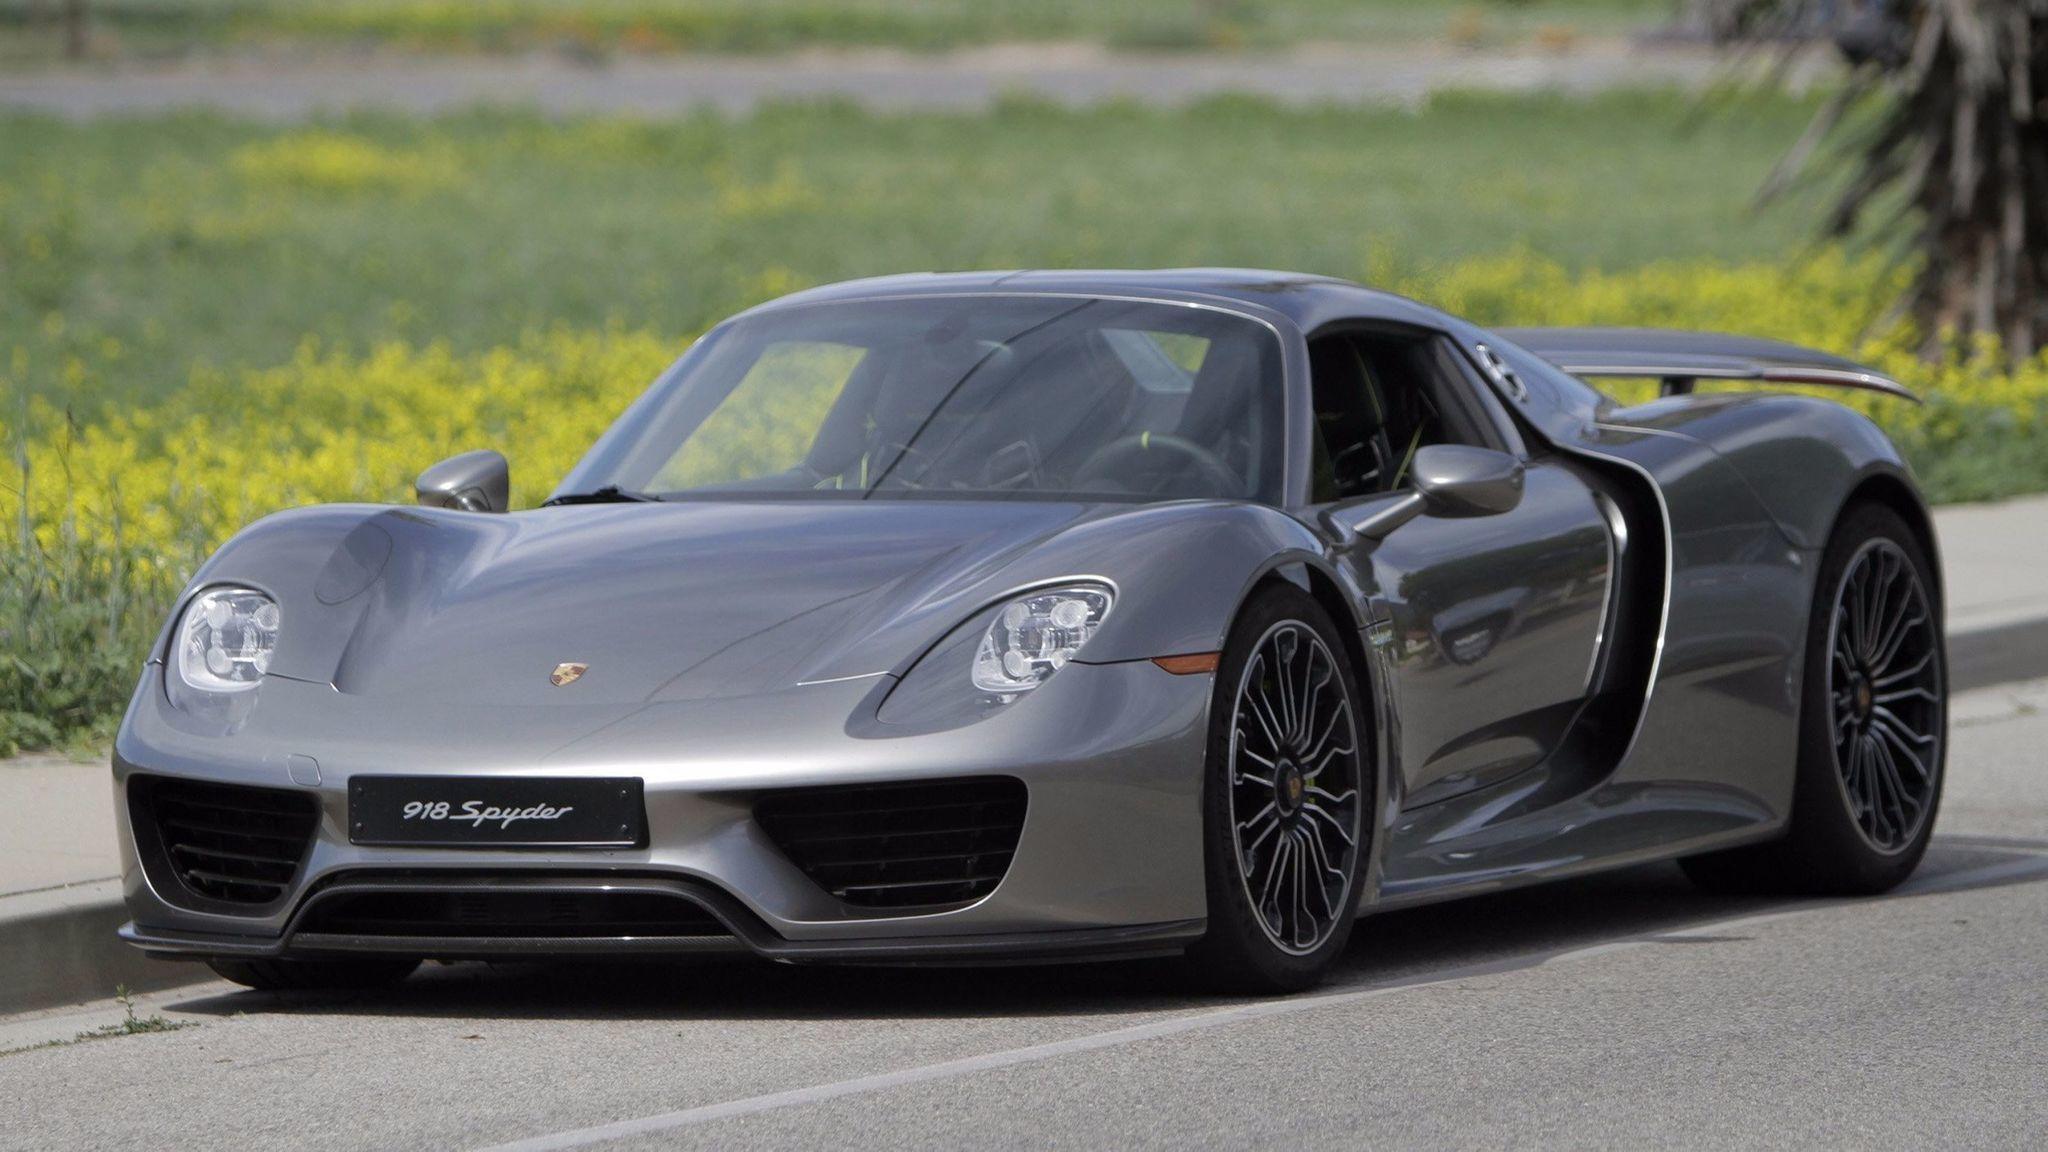 cars sports driving self autonomous business push